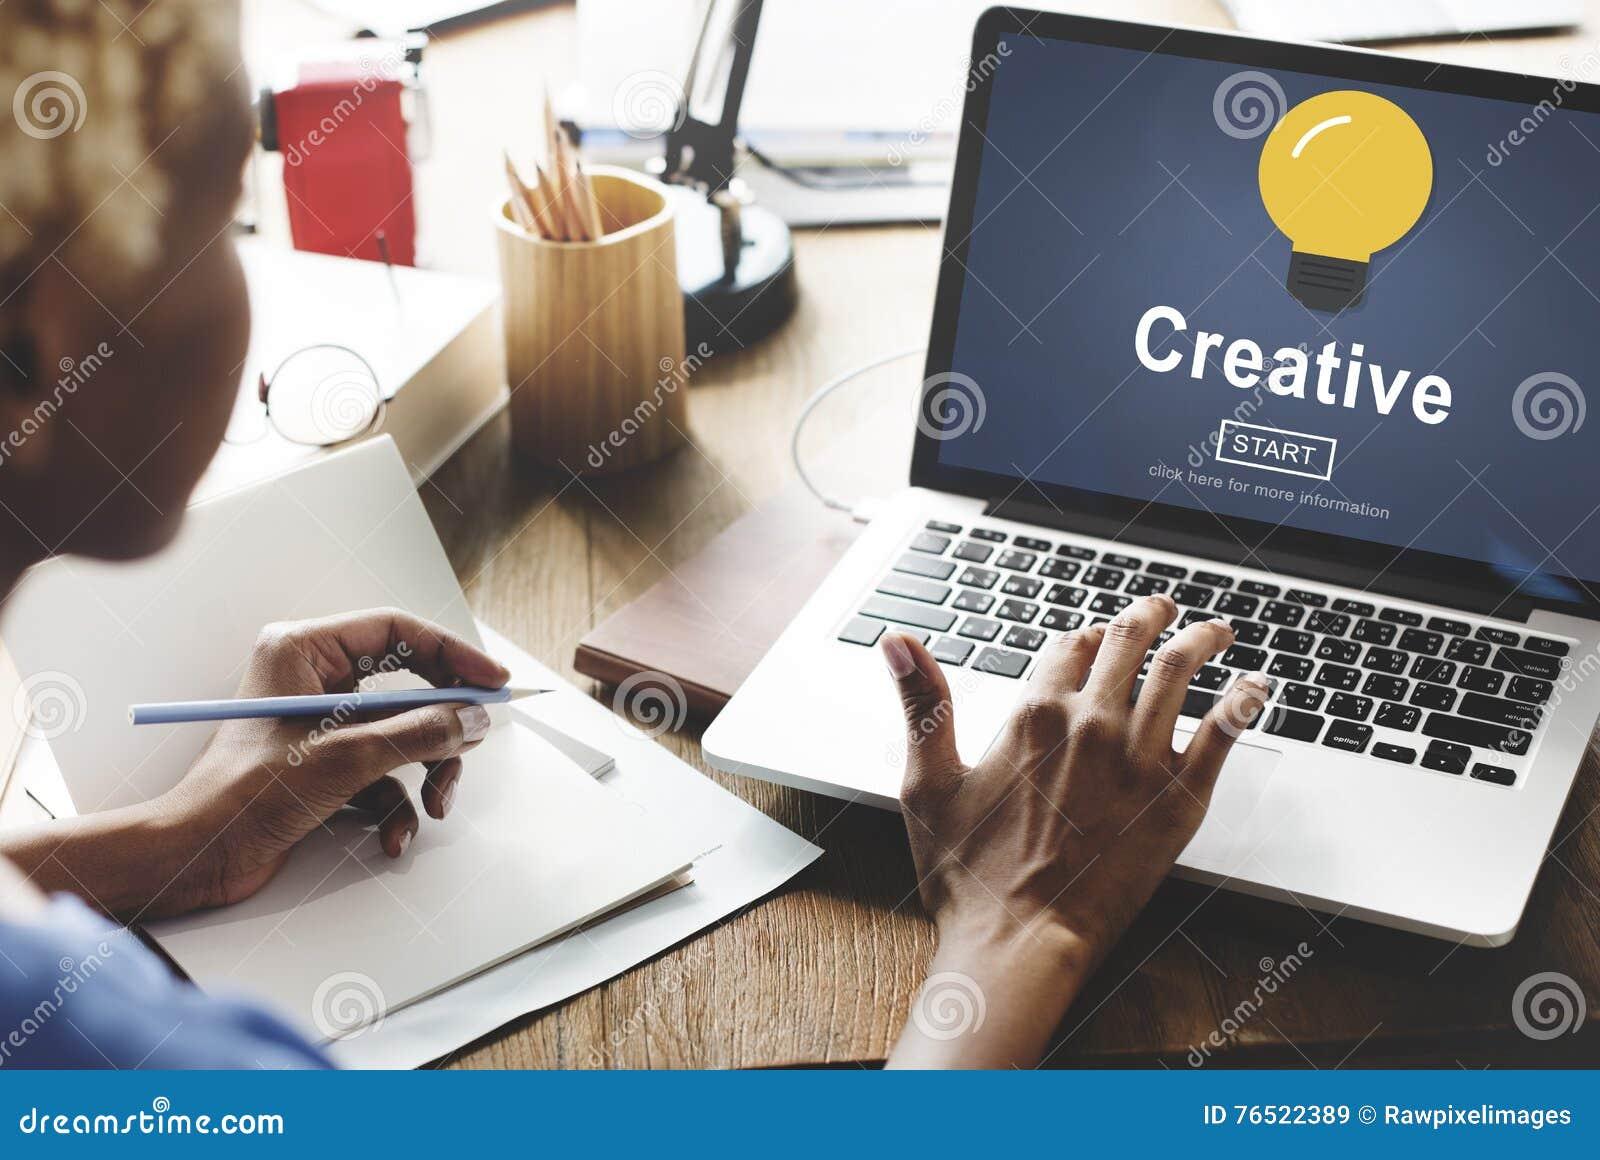 Technologie de solution d innovation d inspiration d idées de créativité concentrée